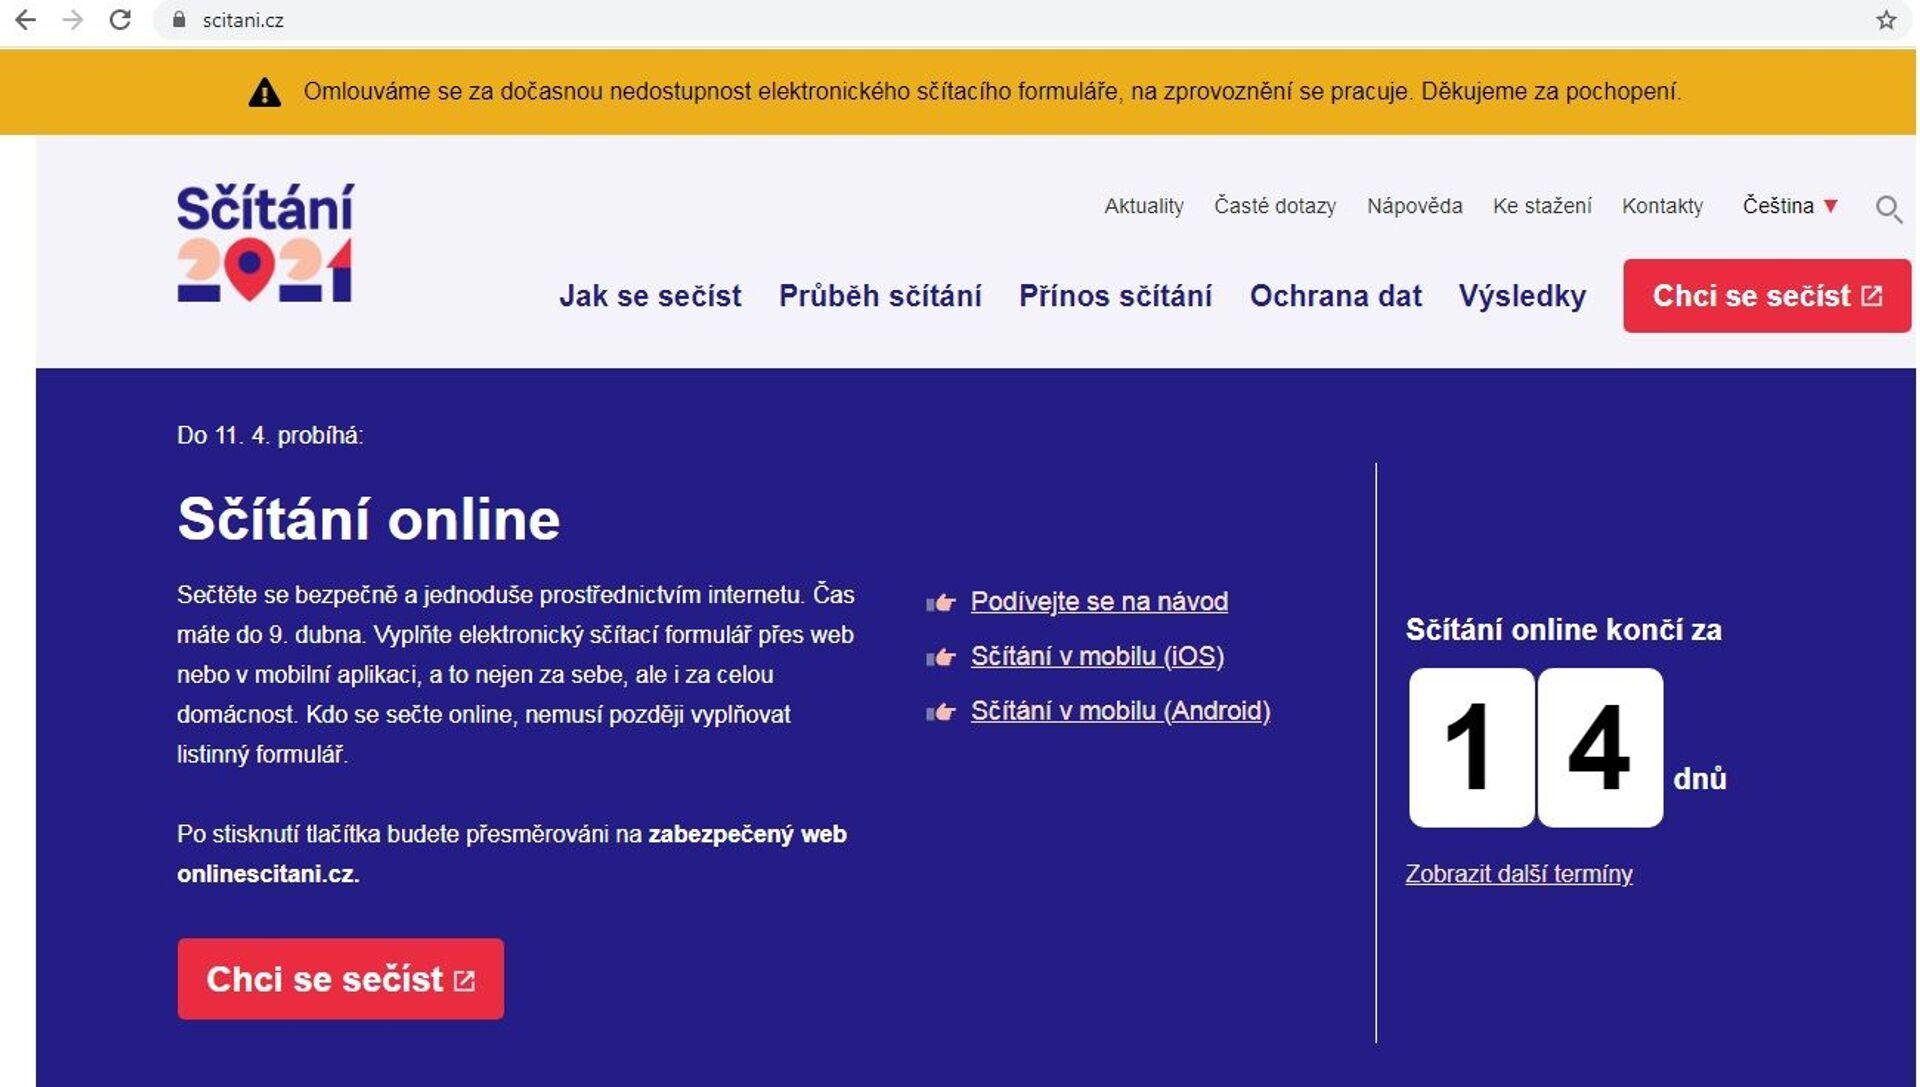 Snímek obrazovky se zprávou o nedostupnosti elektronického formuláře - Sputnik Česká republika, 1920, 20.04.2021